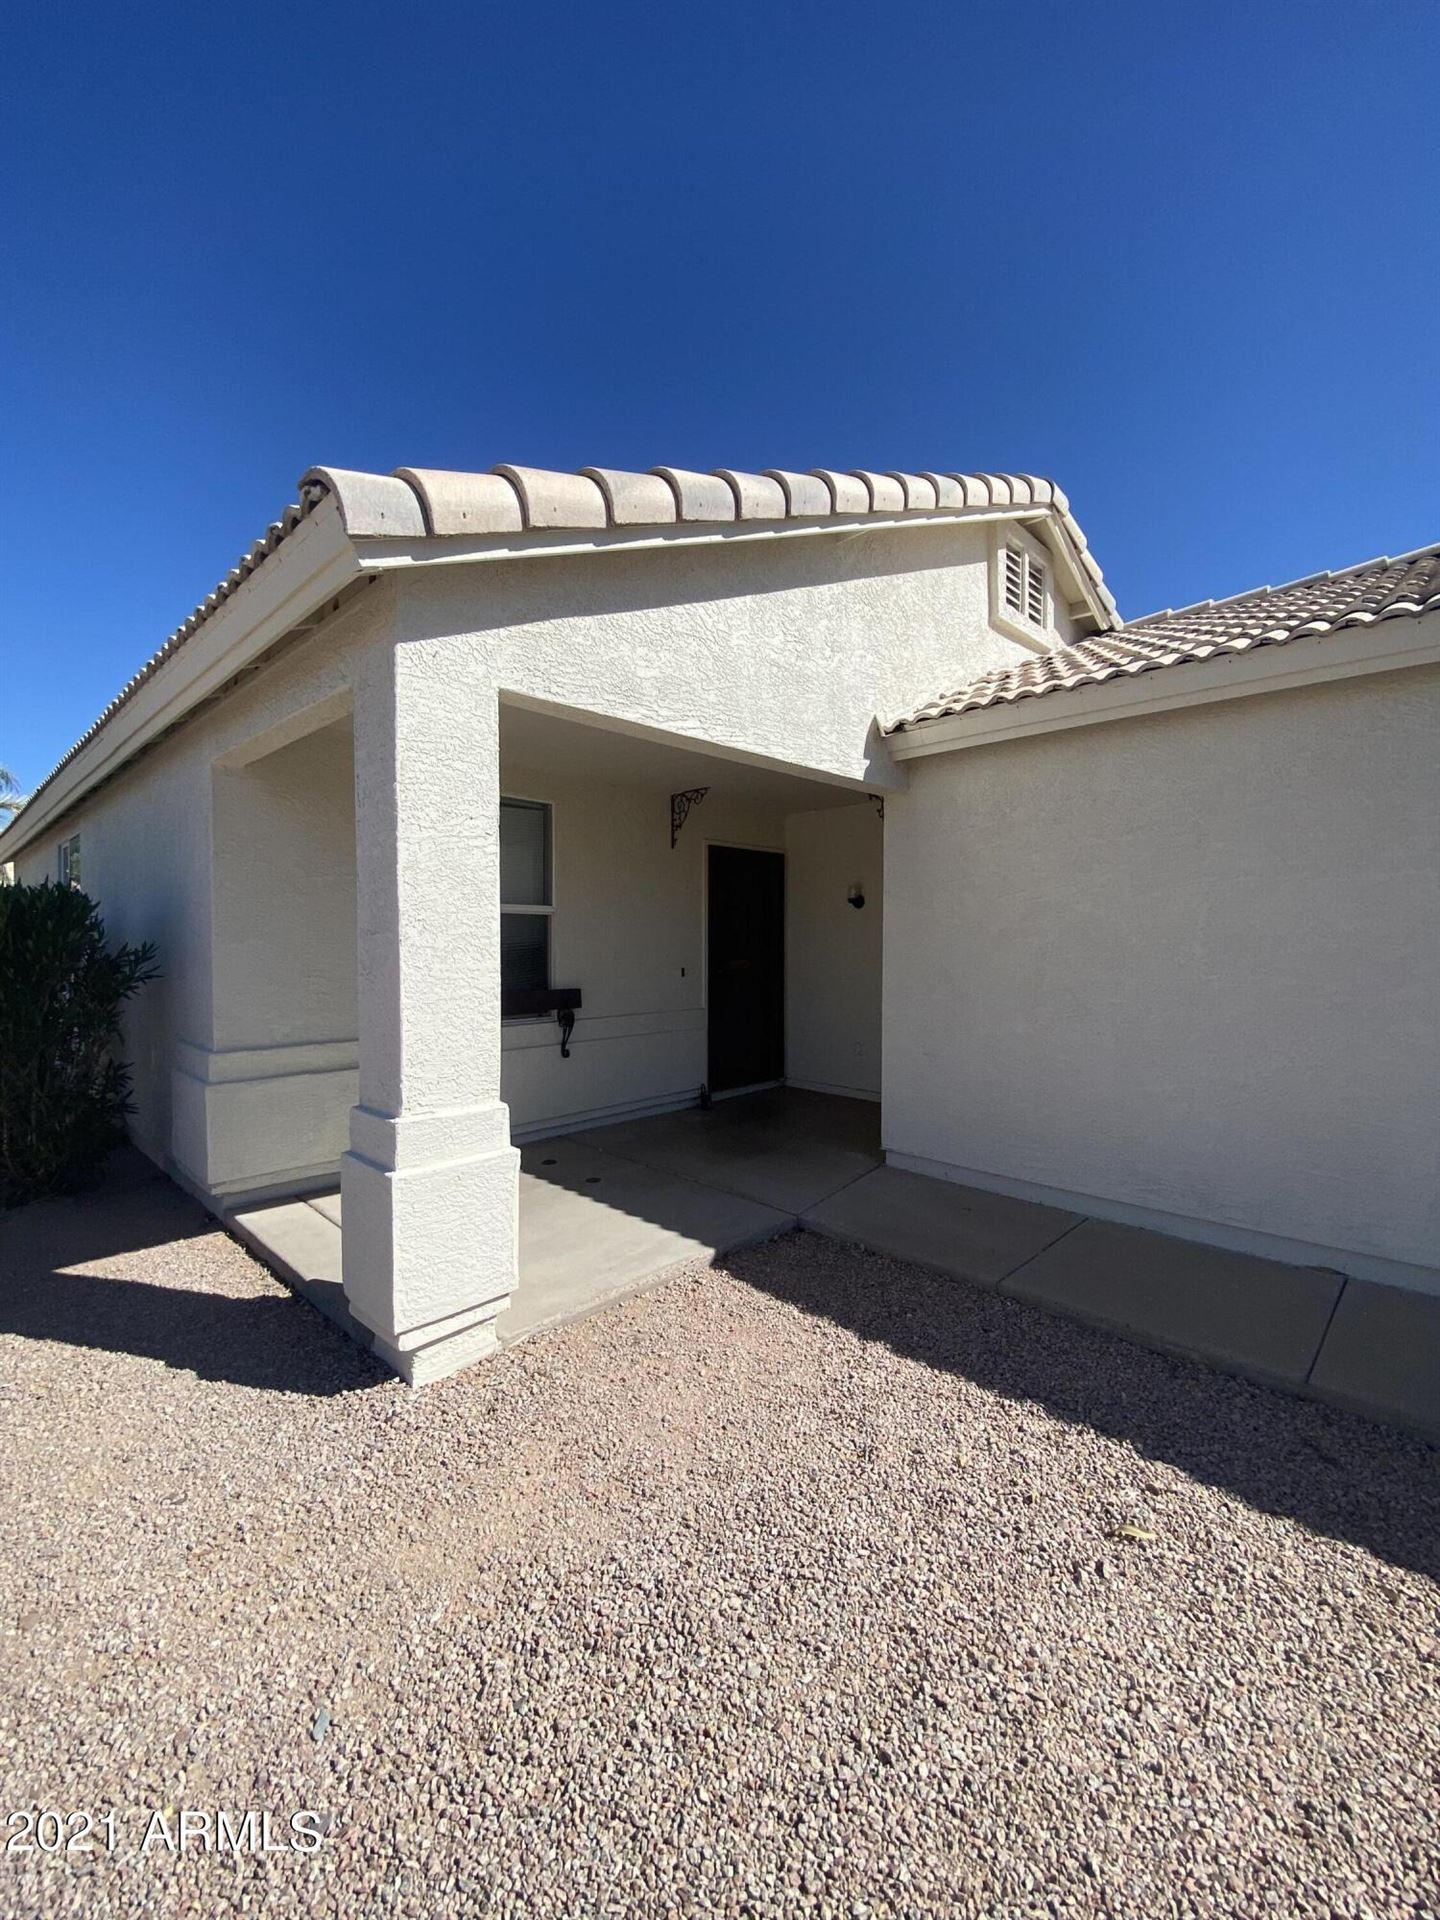 Photo of 1892 W RENAISSANCE Avenue, Apache Junction, AZ 85120 (MLS # 6305727)